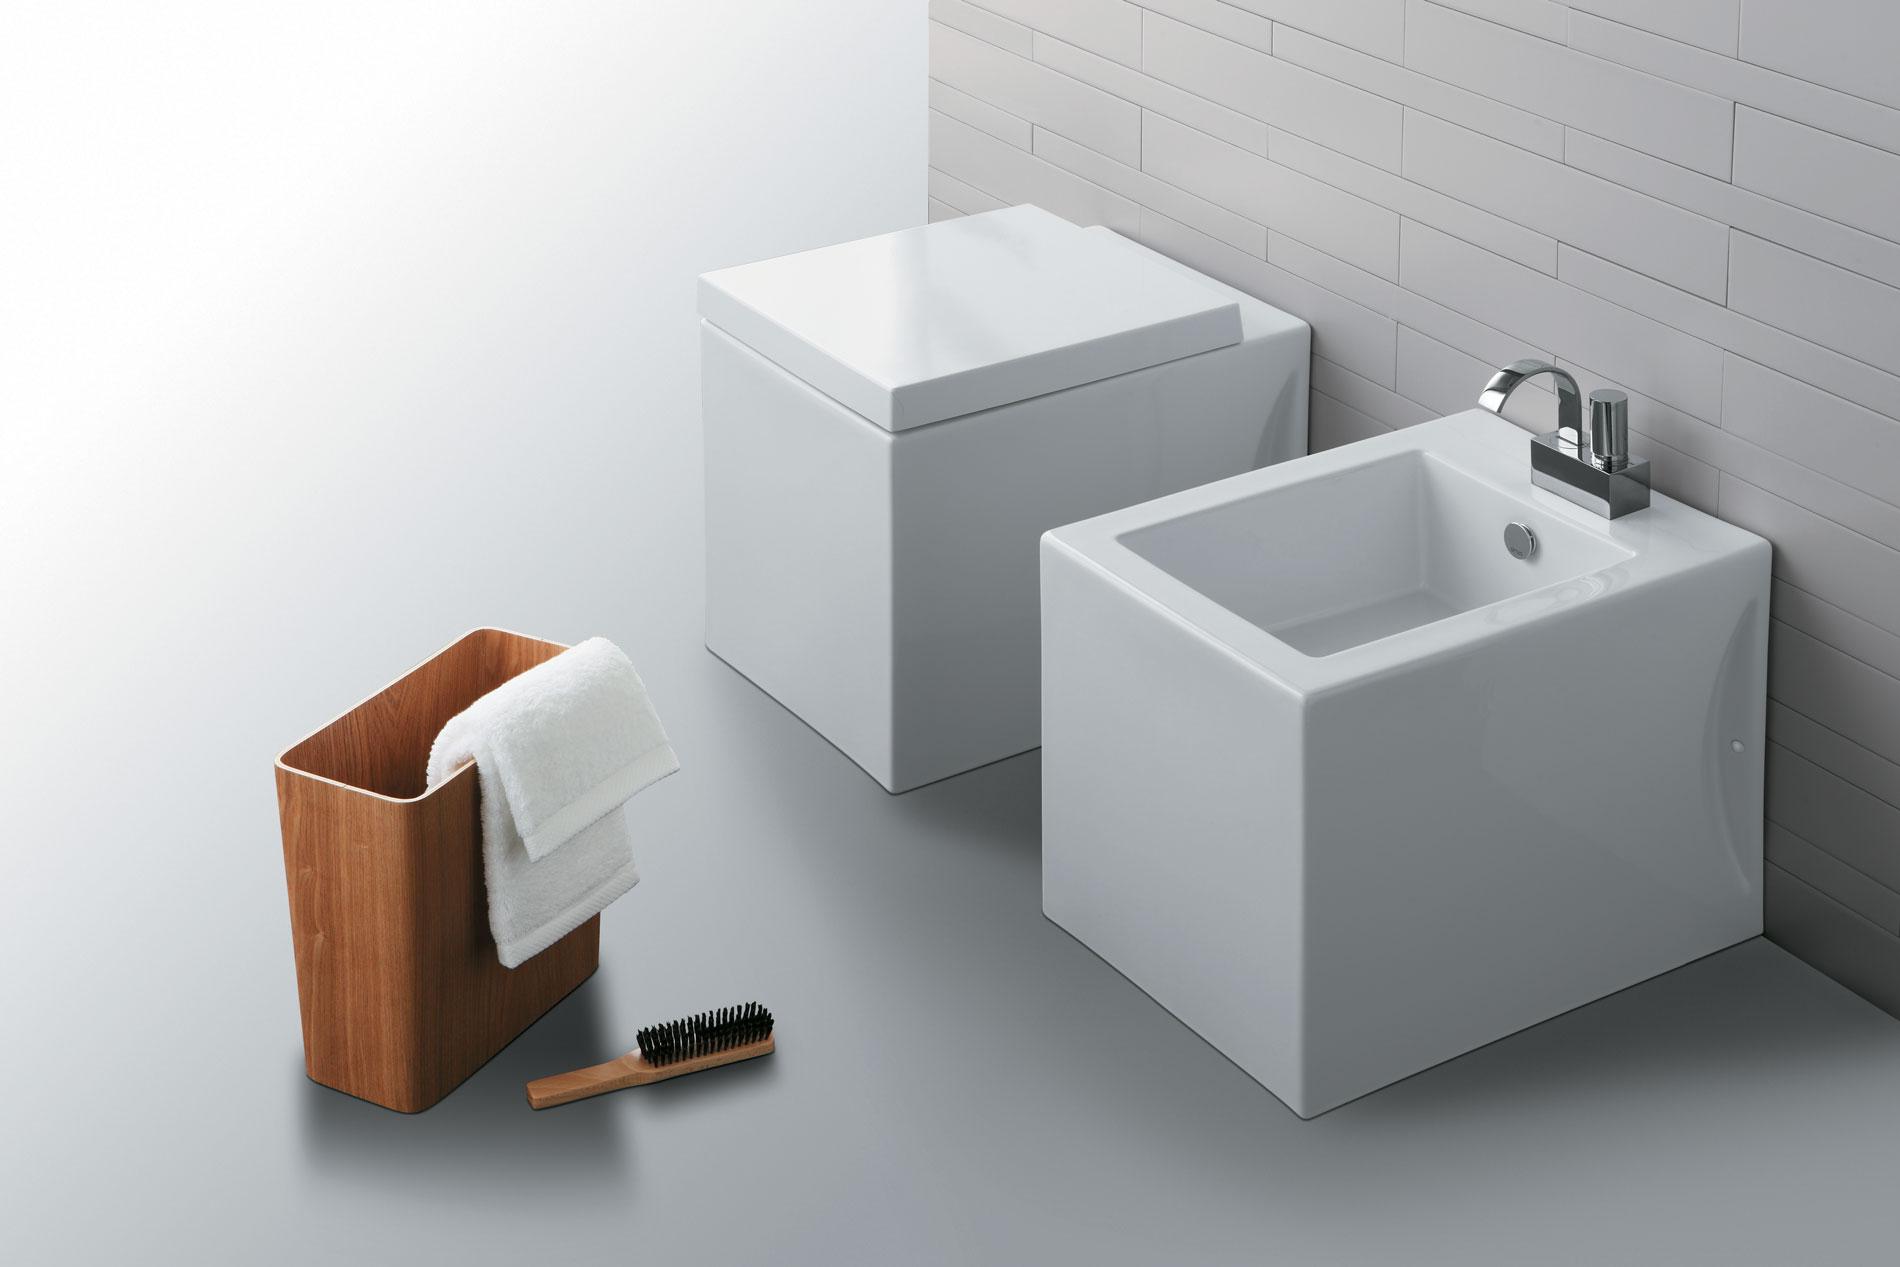 Sanitari frozen boiserie in ceramica per bagno for Sanitari per bagno in offerta